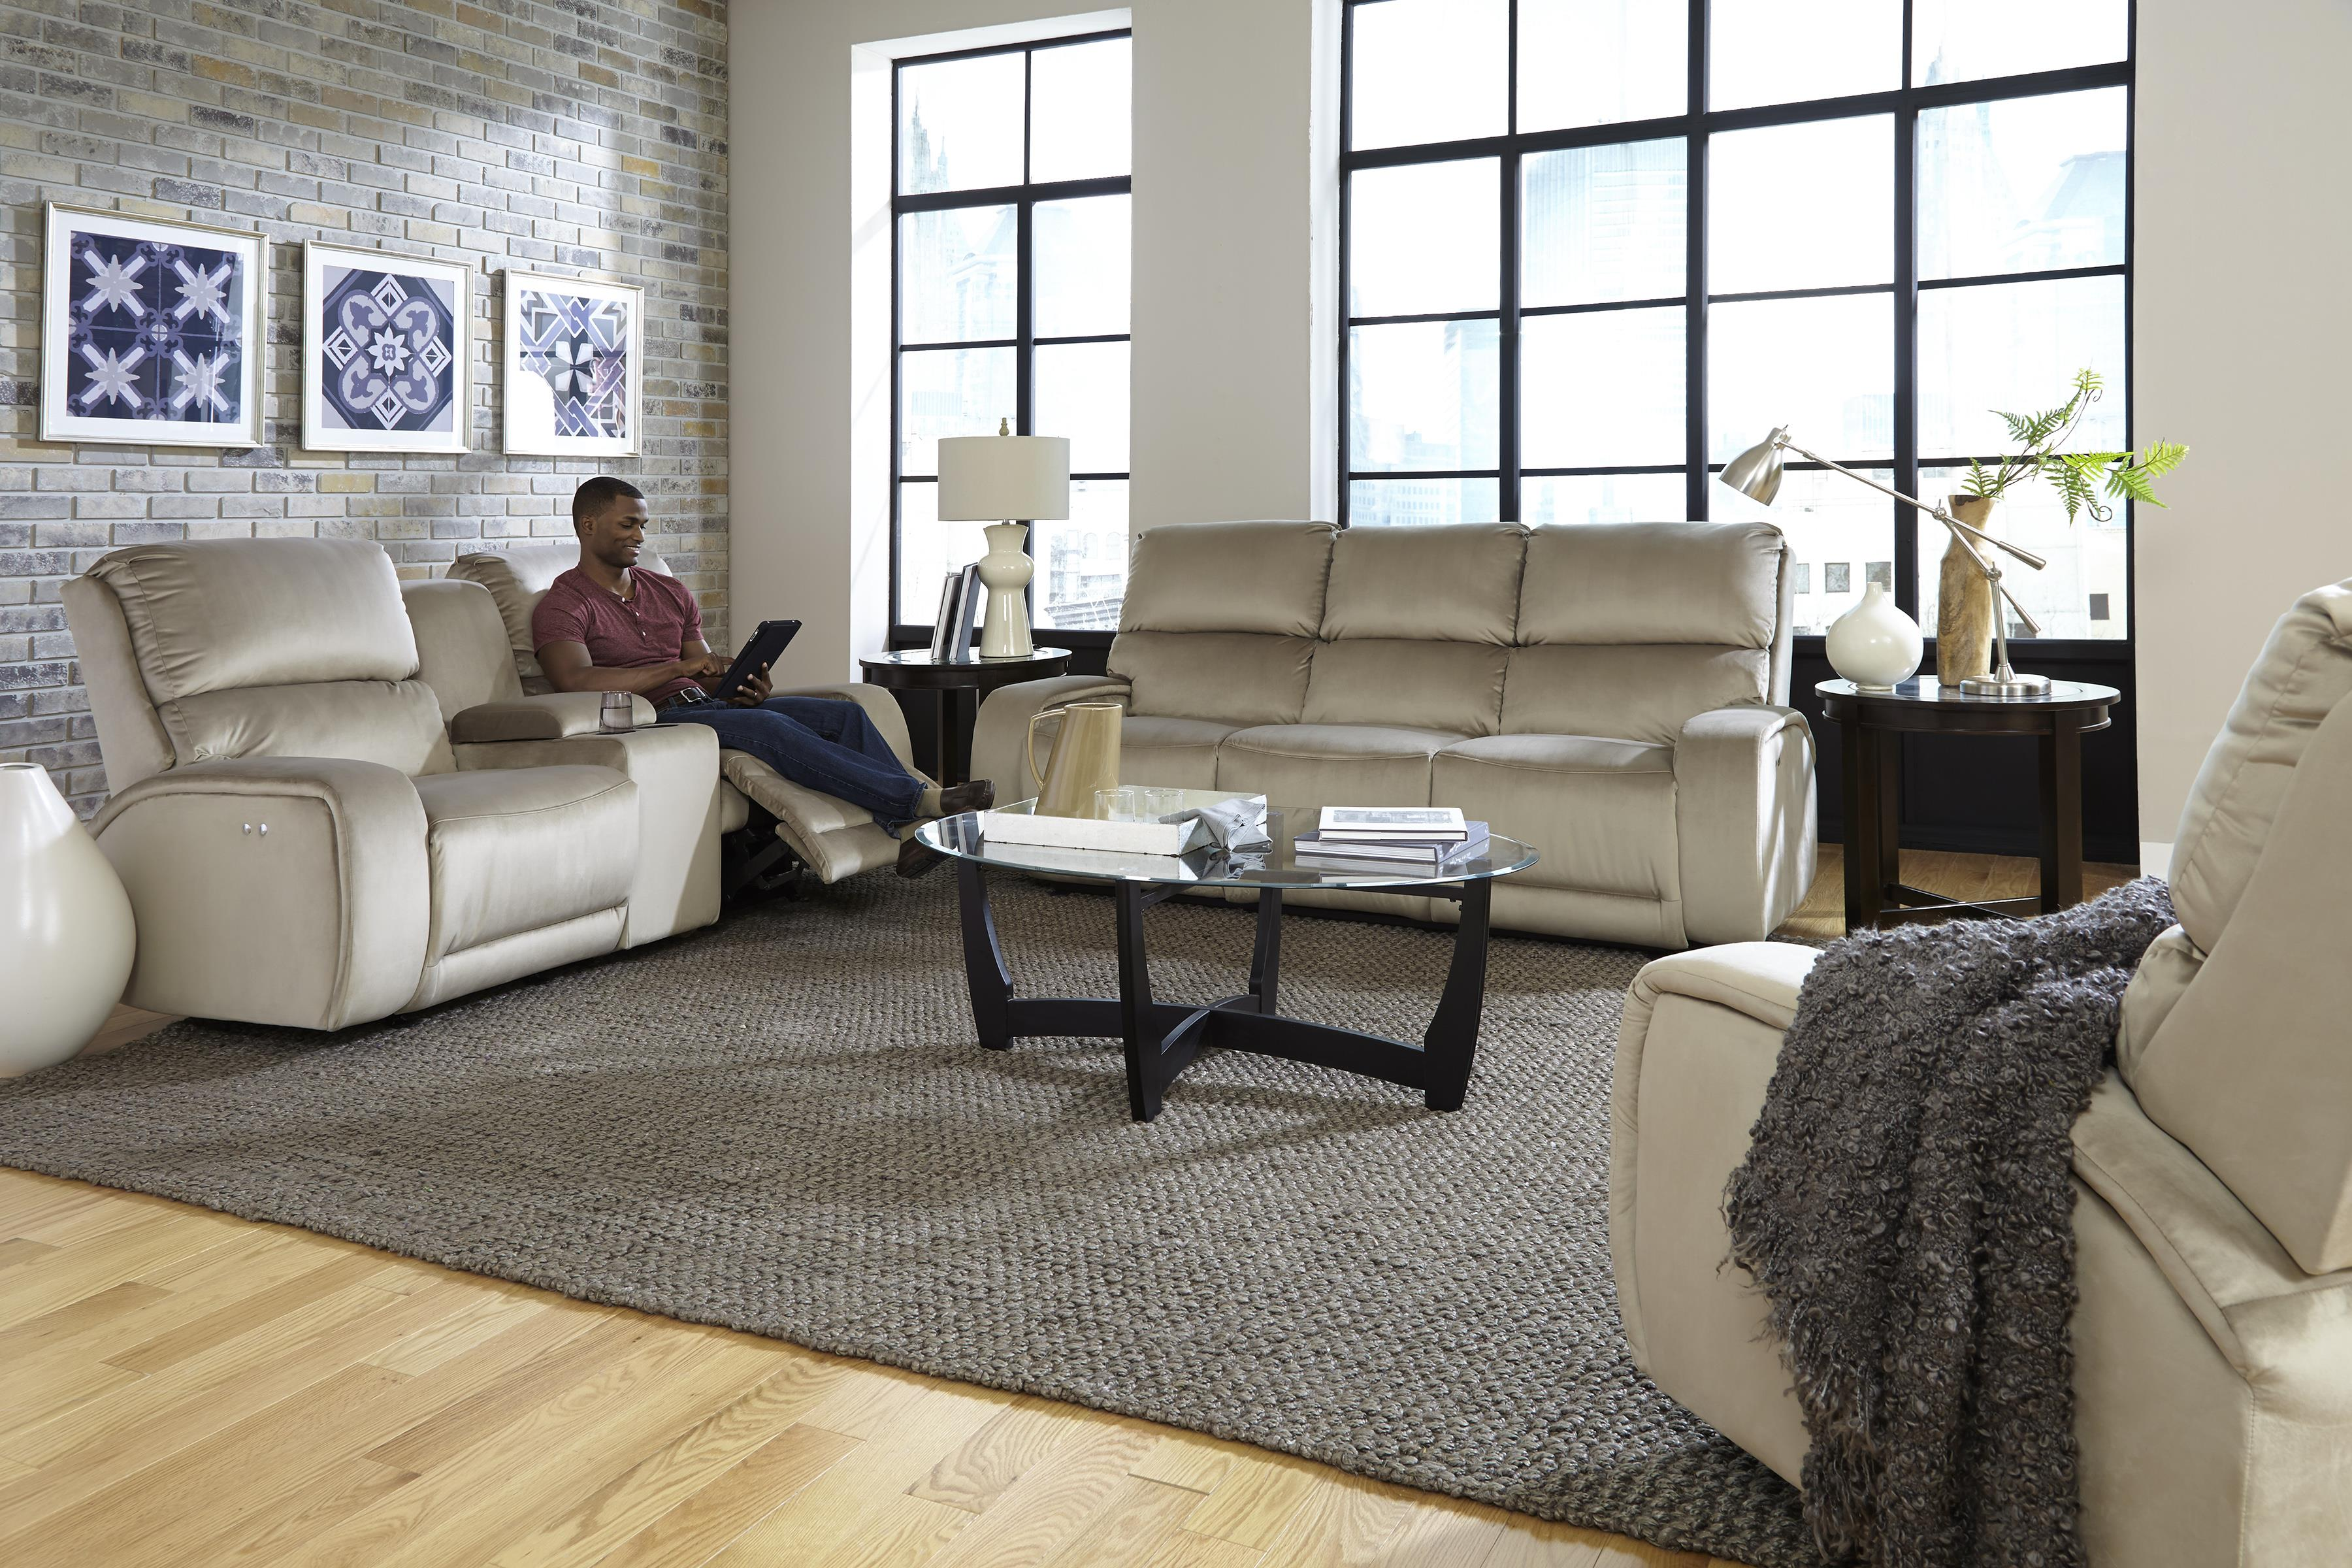 Best Home Furnishings Matthew Power Reclining Sofa With Memory Foam Cushion  | Wayside Furniture | Reclining Sofa